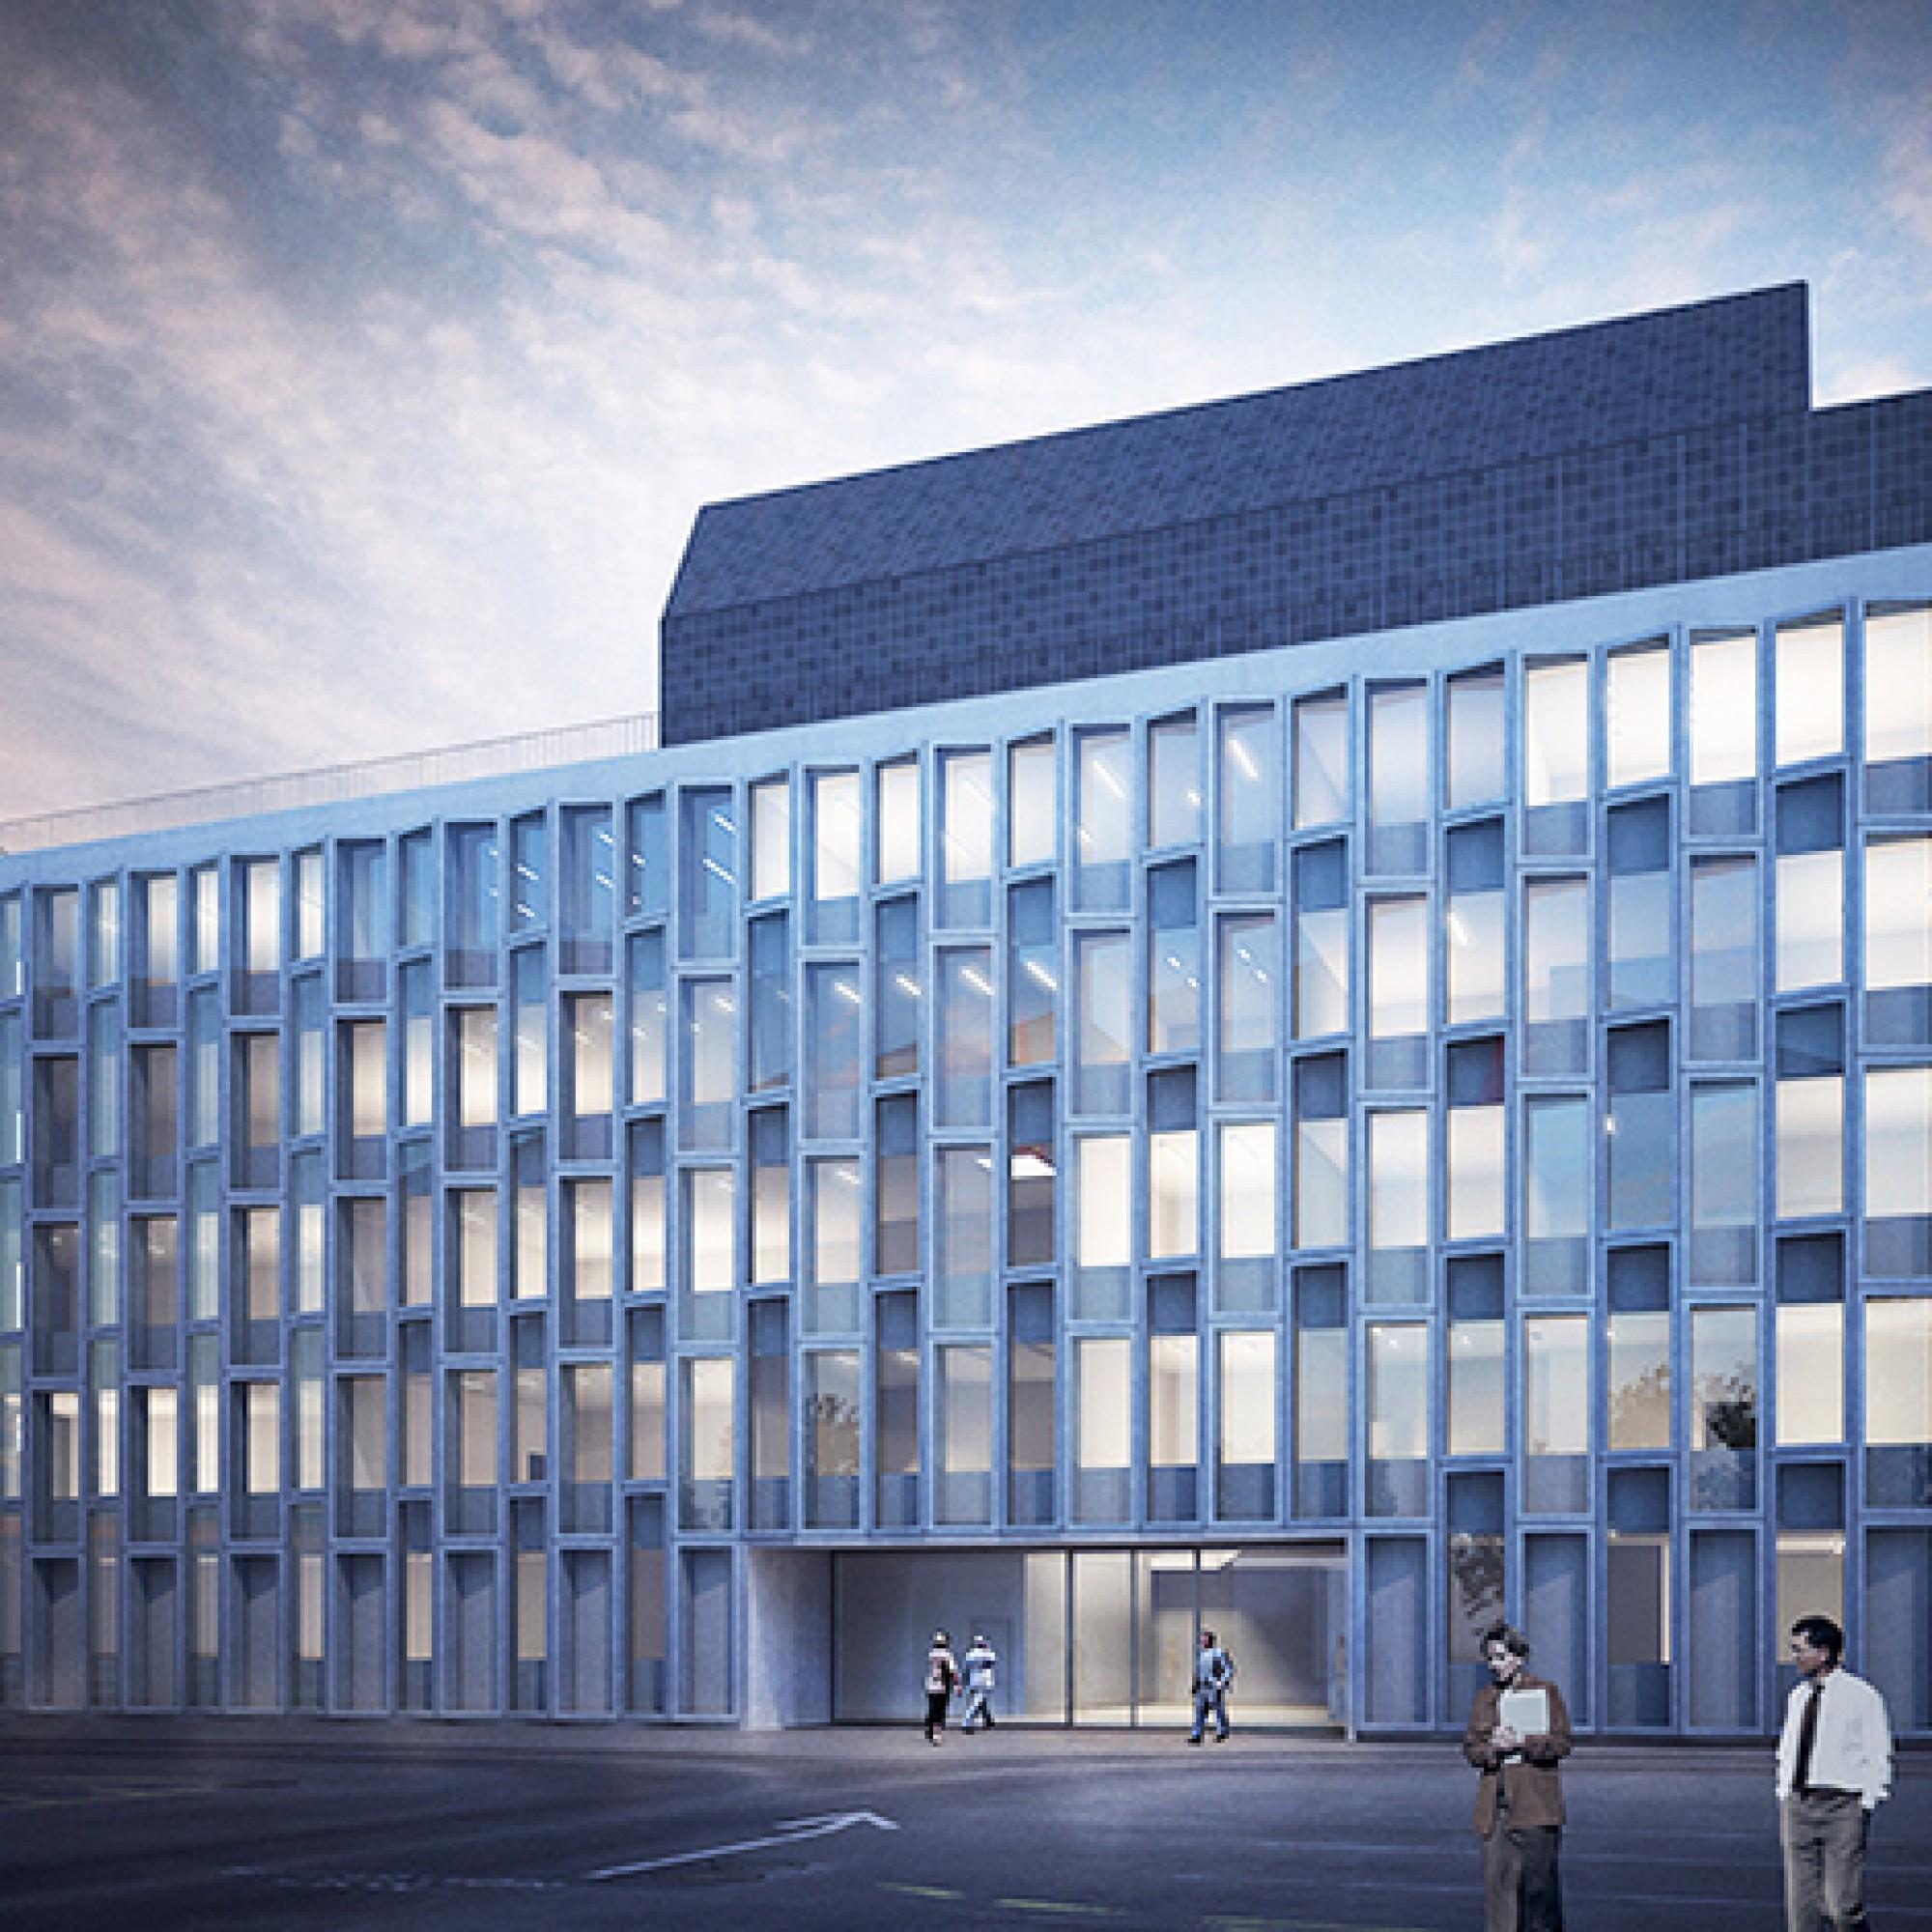 Geplanter Sika-Neubau in Altstetten (Bild: zvg)